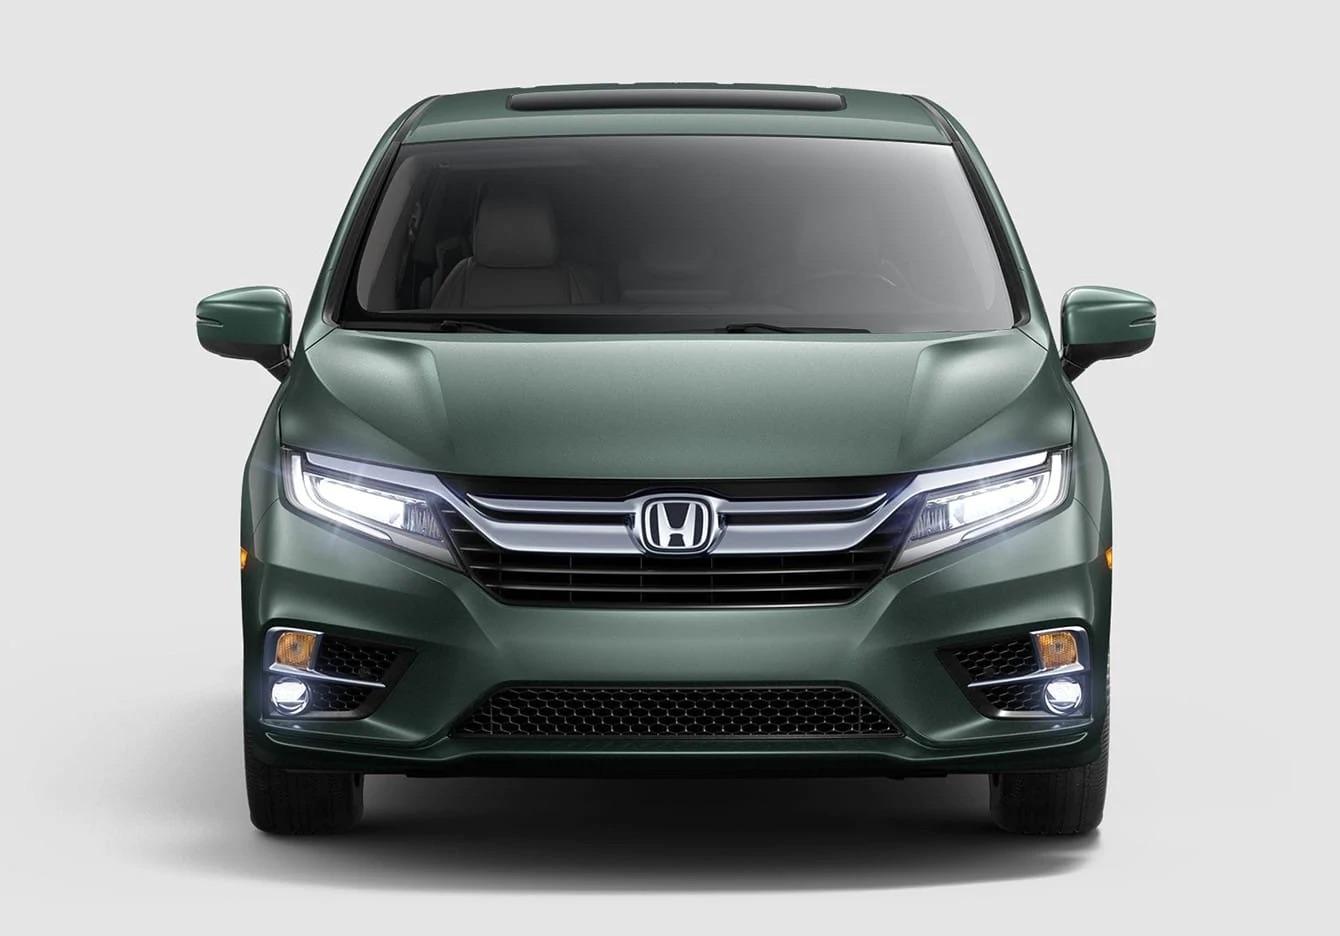 La Honda Odyssey 2020 tiene un aspecto maravilloso